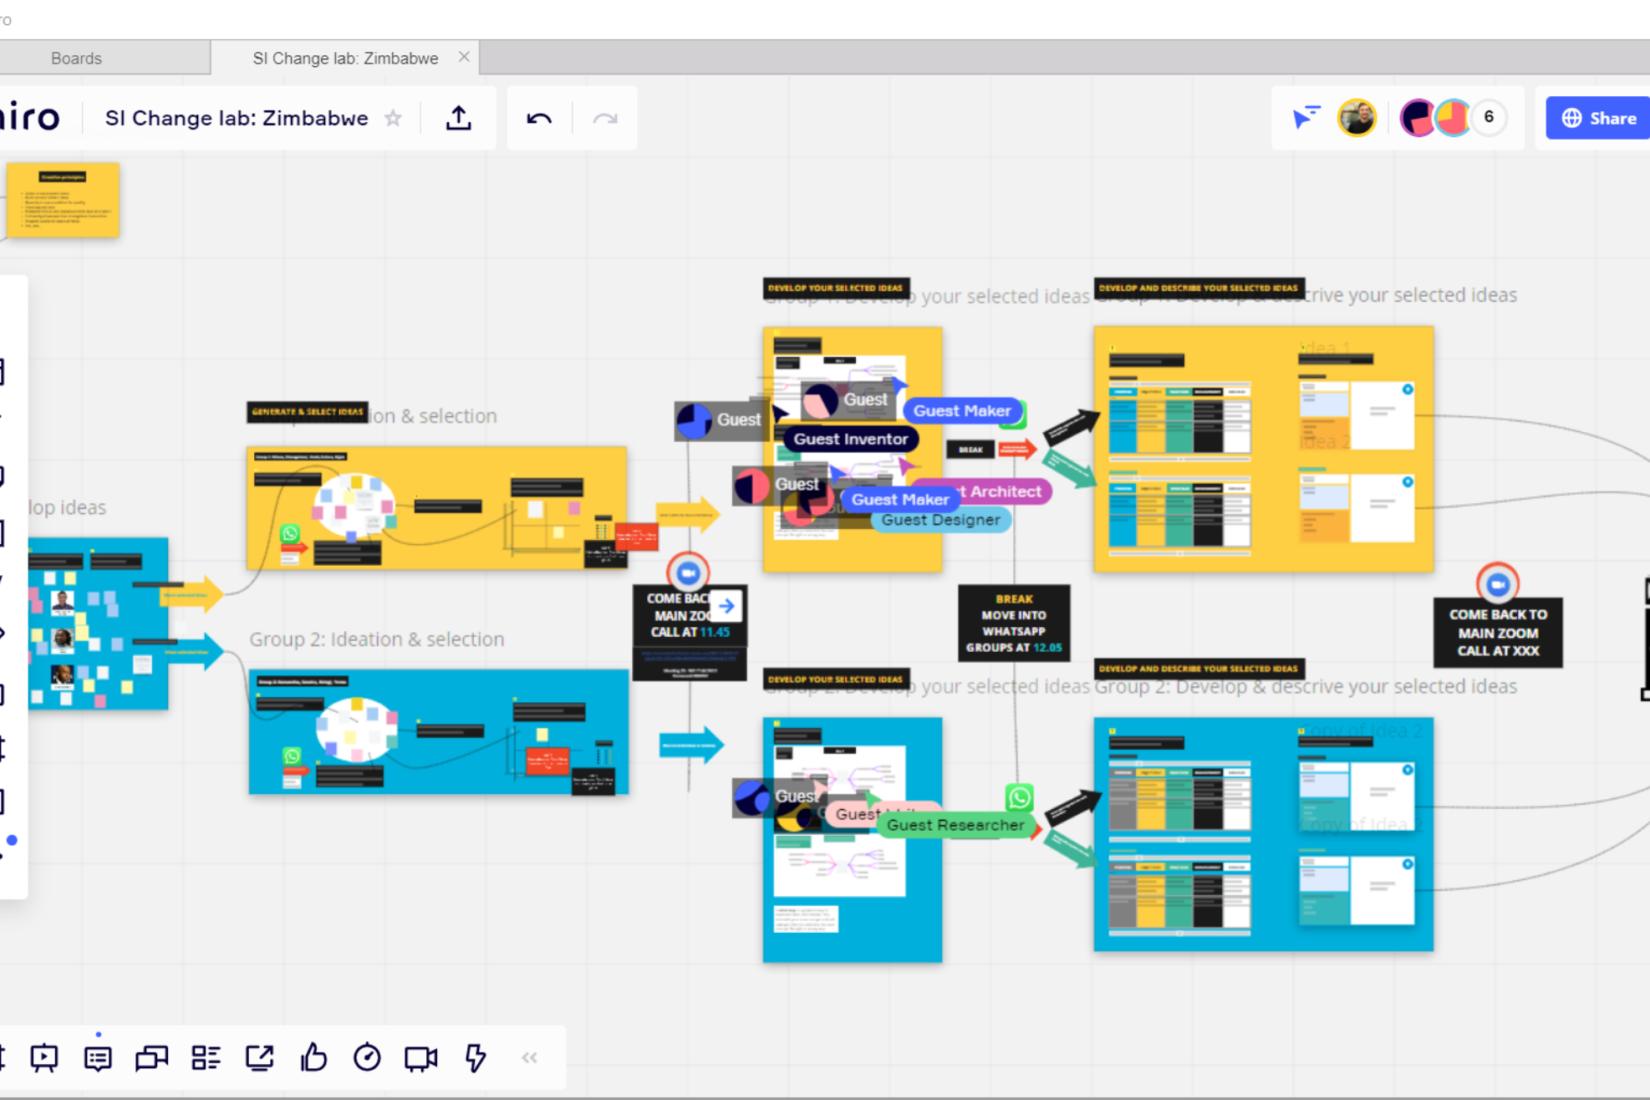 Bilden visar en digital arbetsyta som alla deltagare kan arbeta i samtidigt